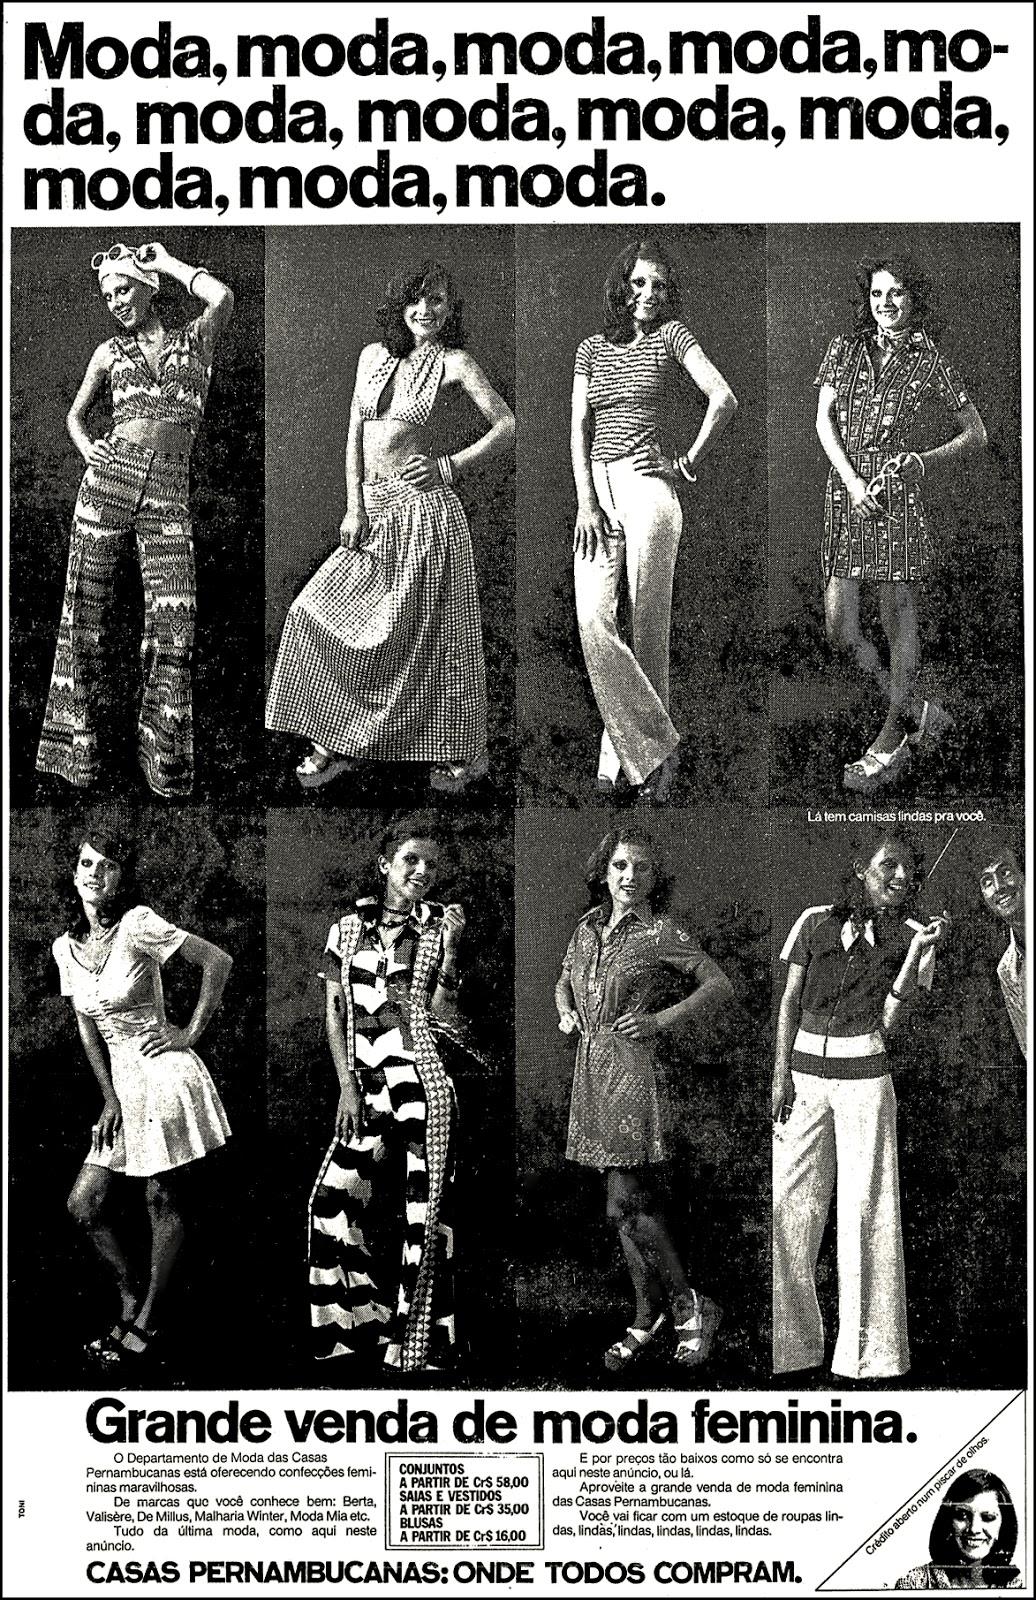 Propaganda antiga das Casas Pernambucanas com oferta de moda feminina em 1974